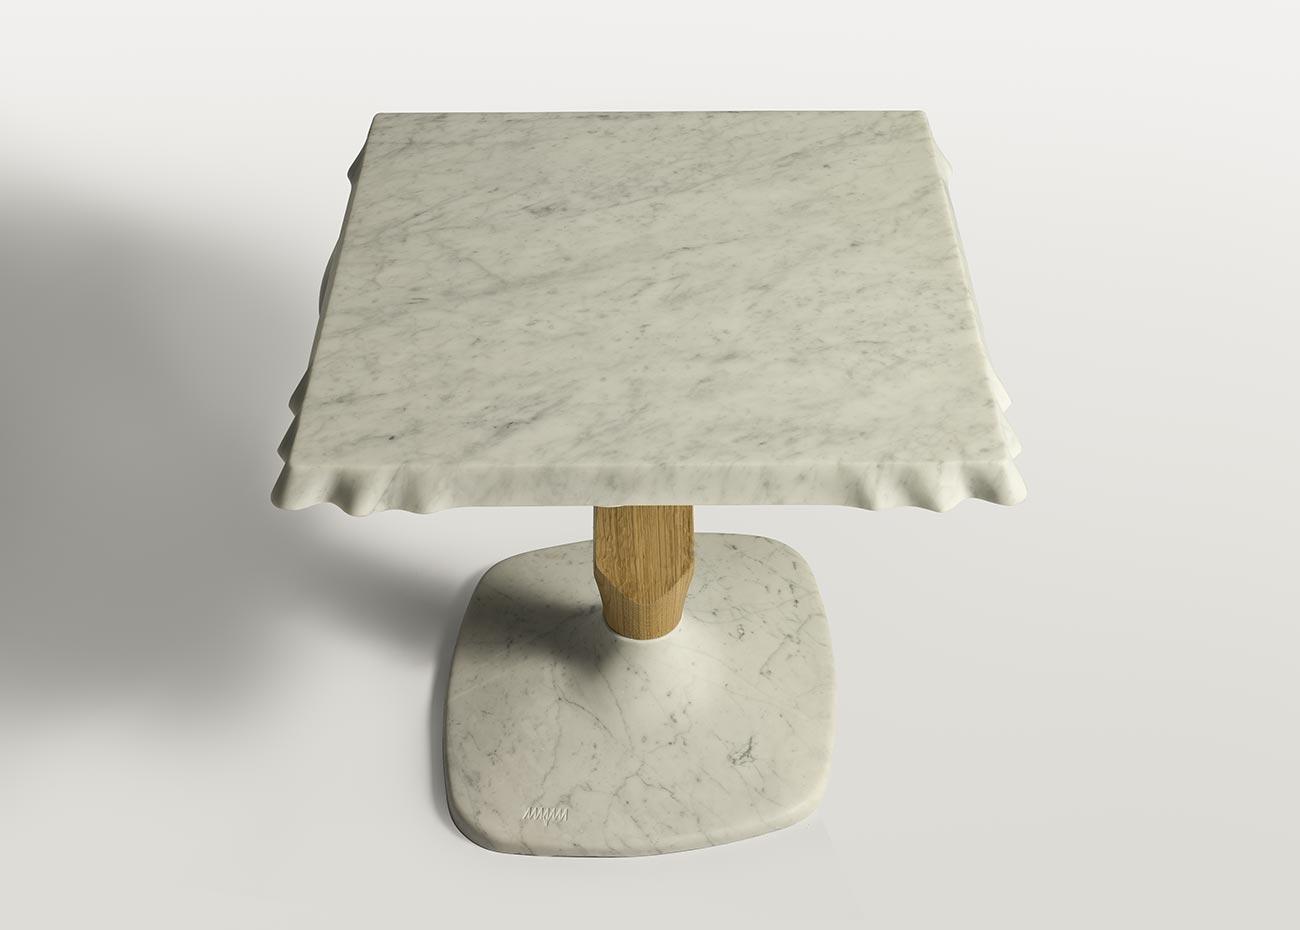 tavolo-in-marmo-e-legno-design-collection-wave